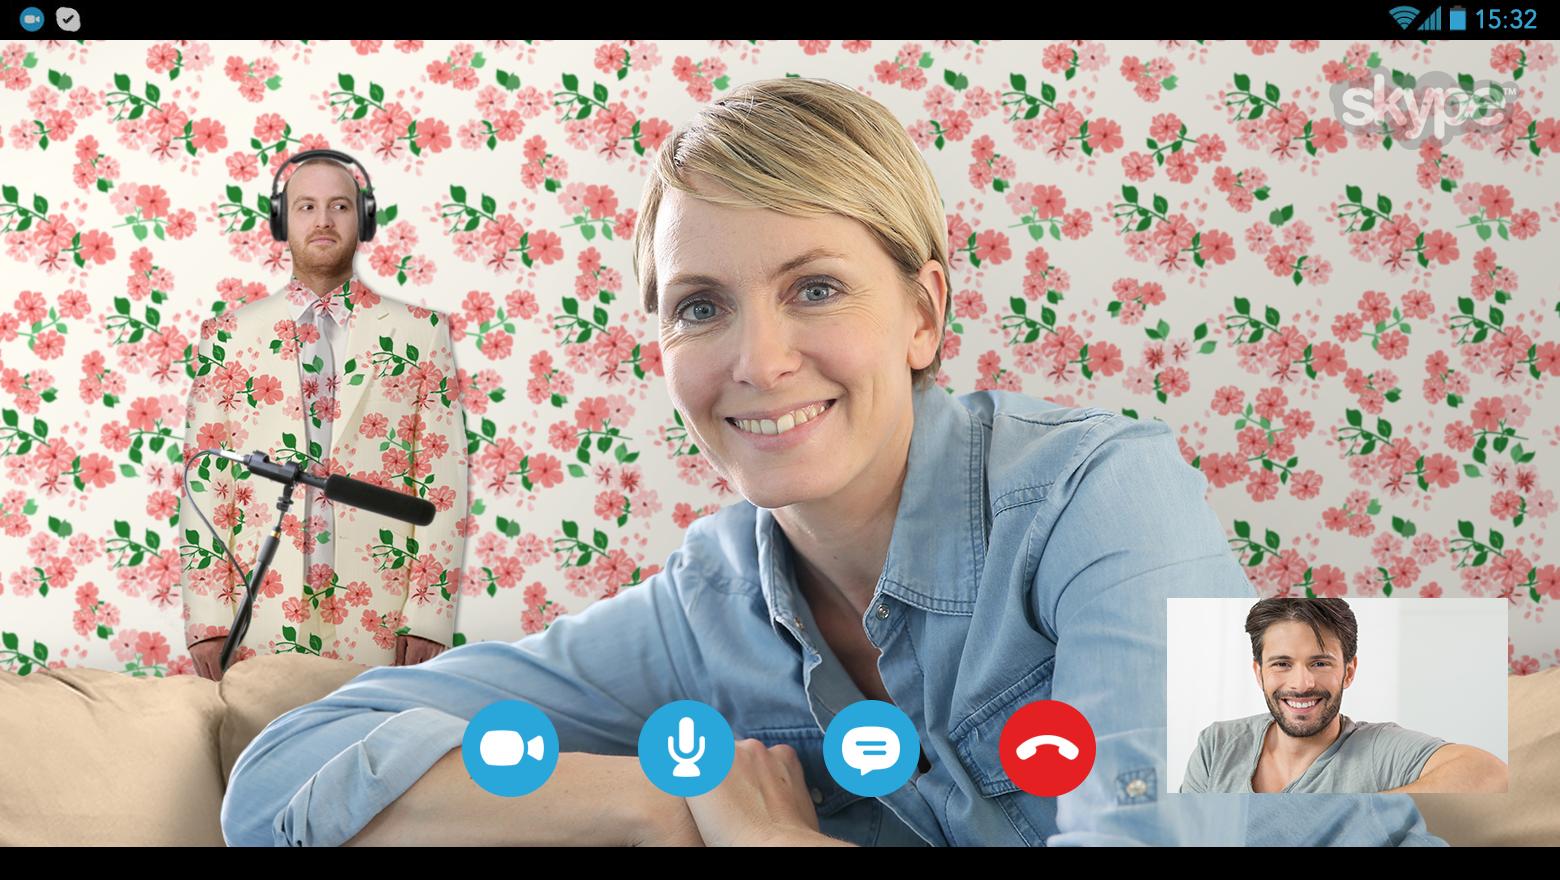 Pedile a Microsoft que proteja nuestra privacidad en Skype